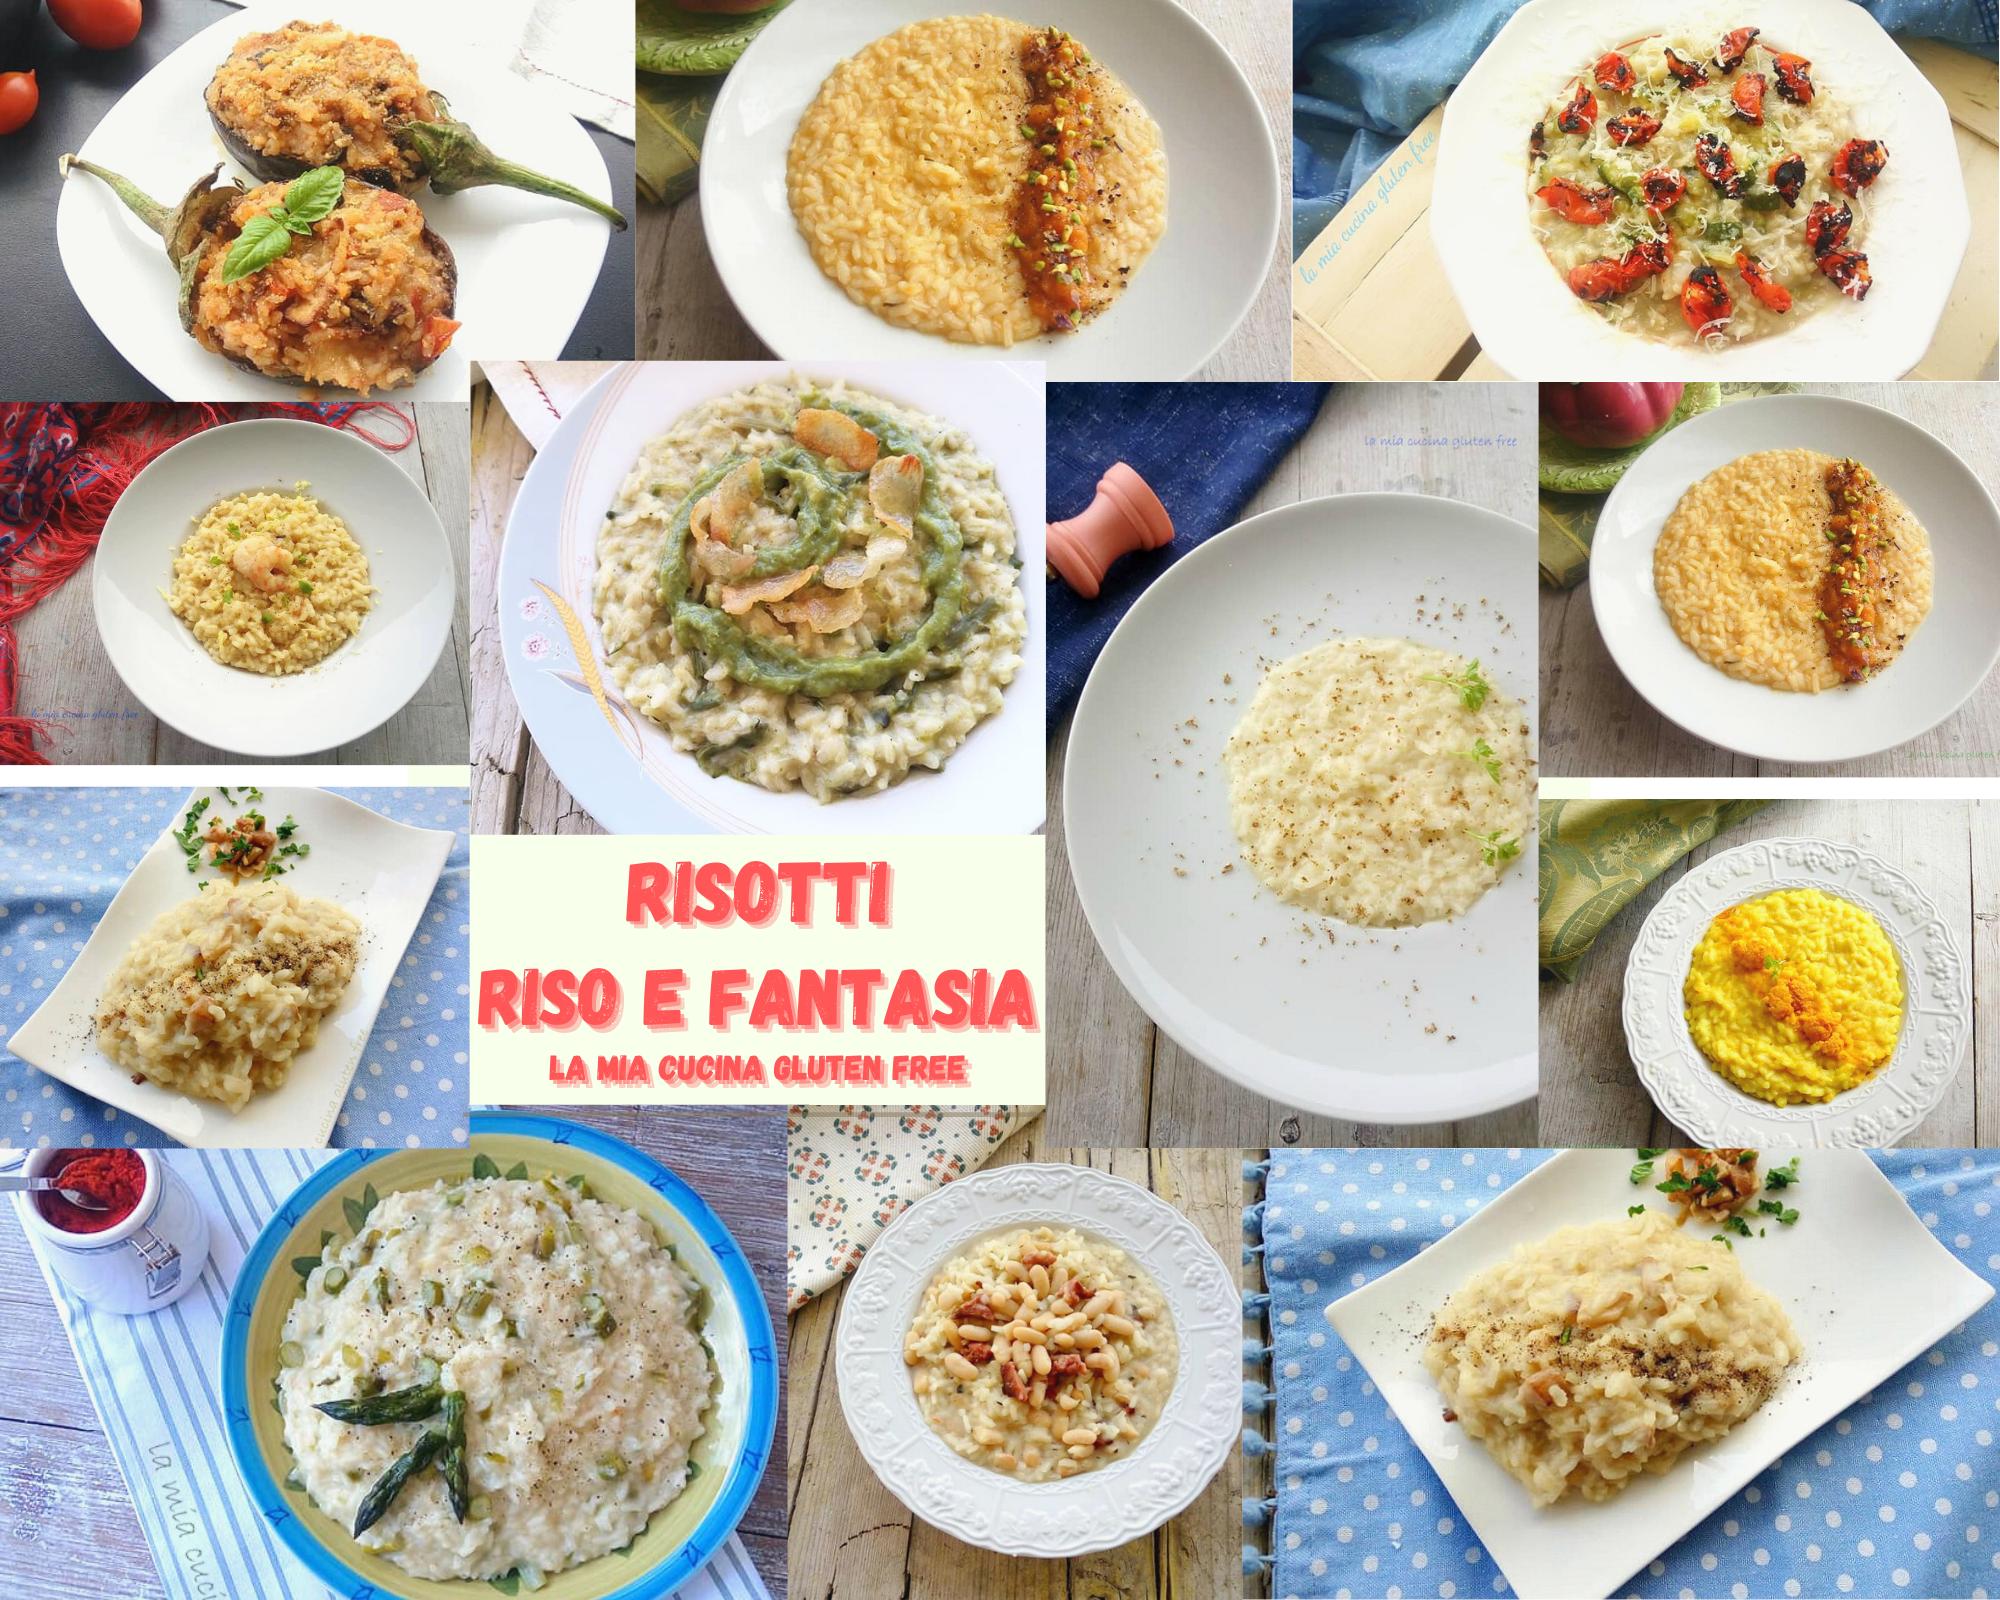 Ricette di risotti riso e fantasia